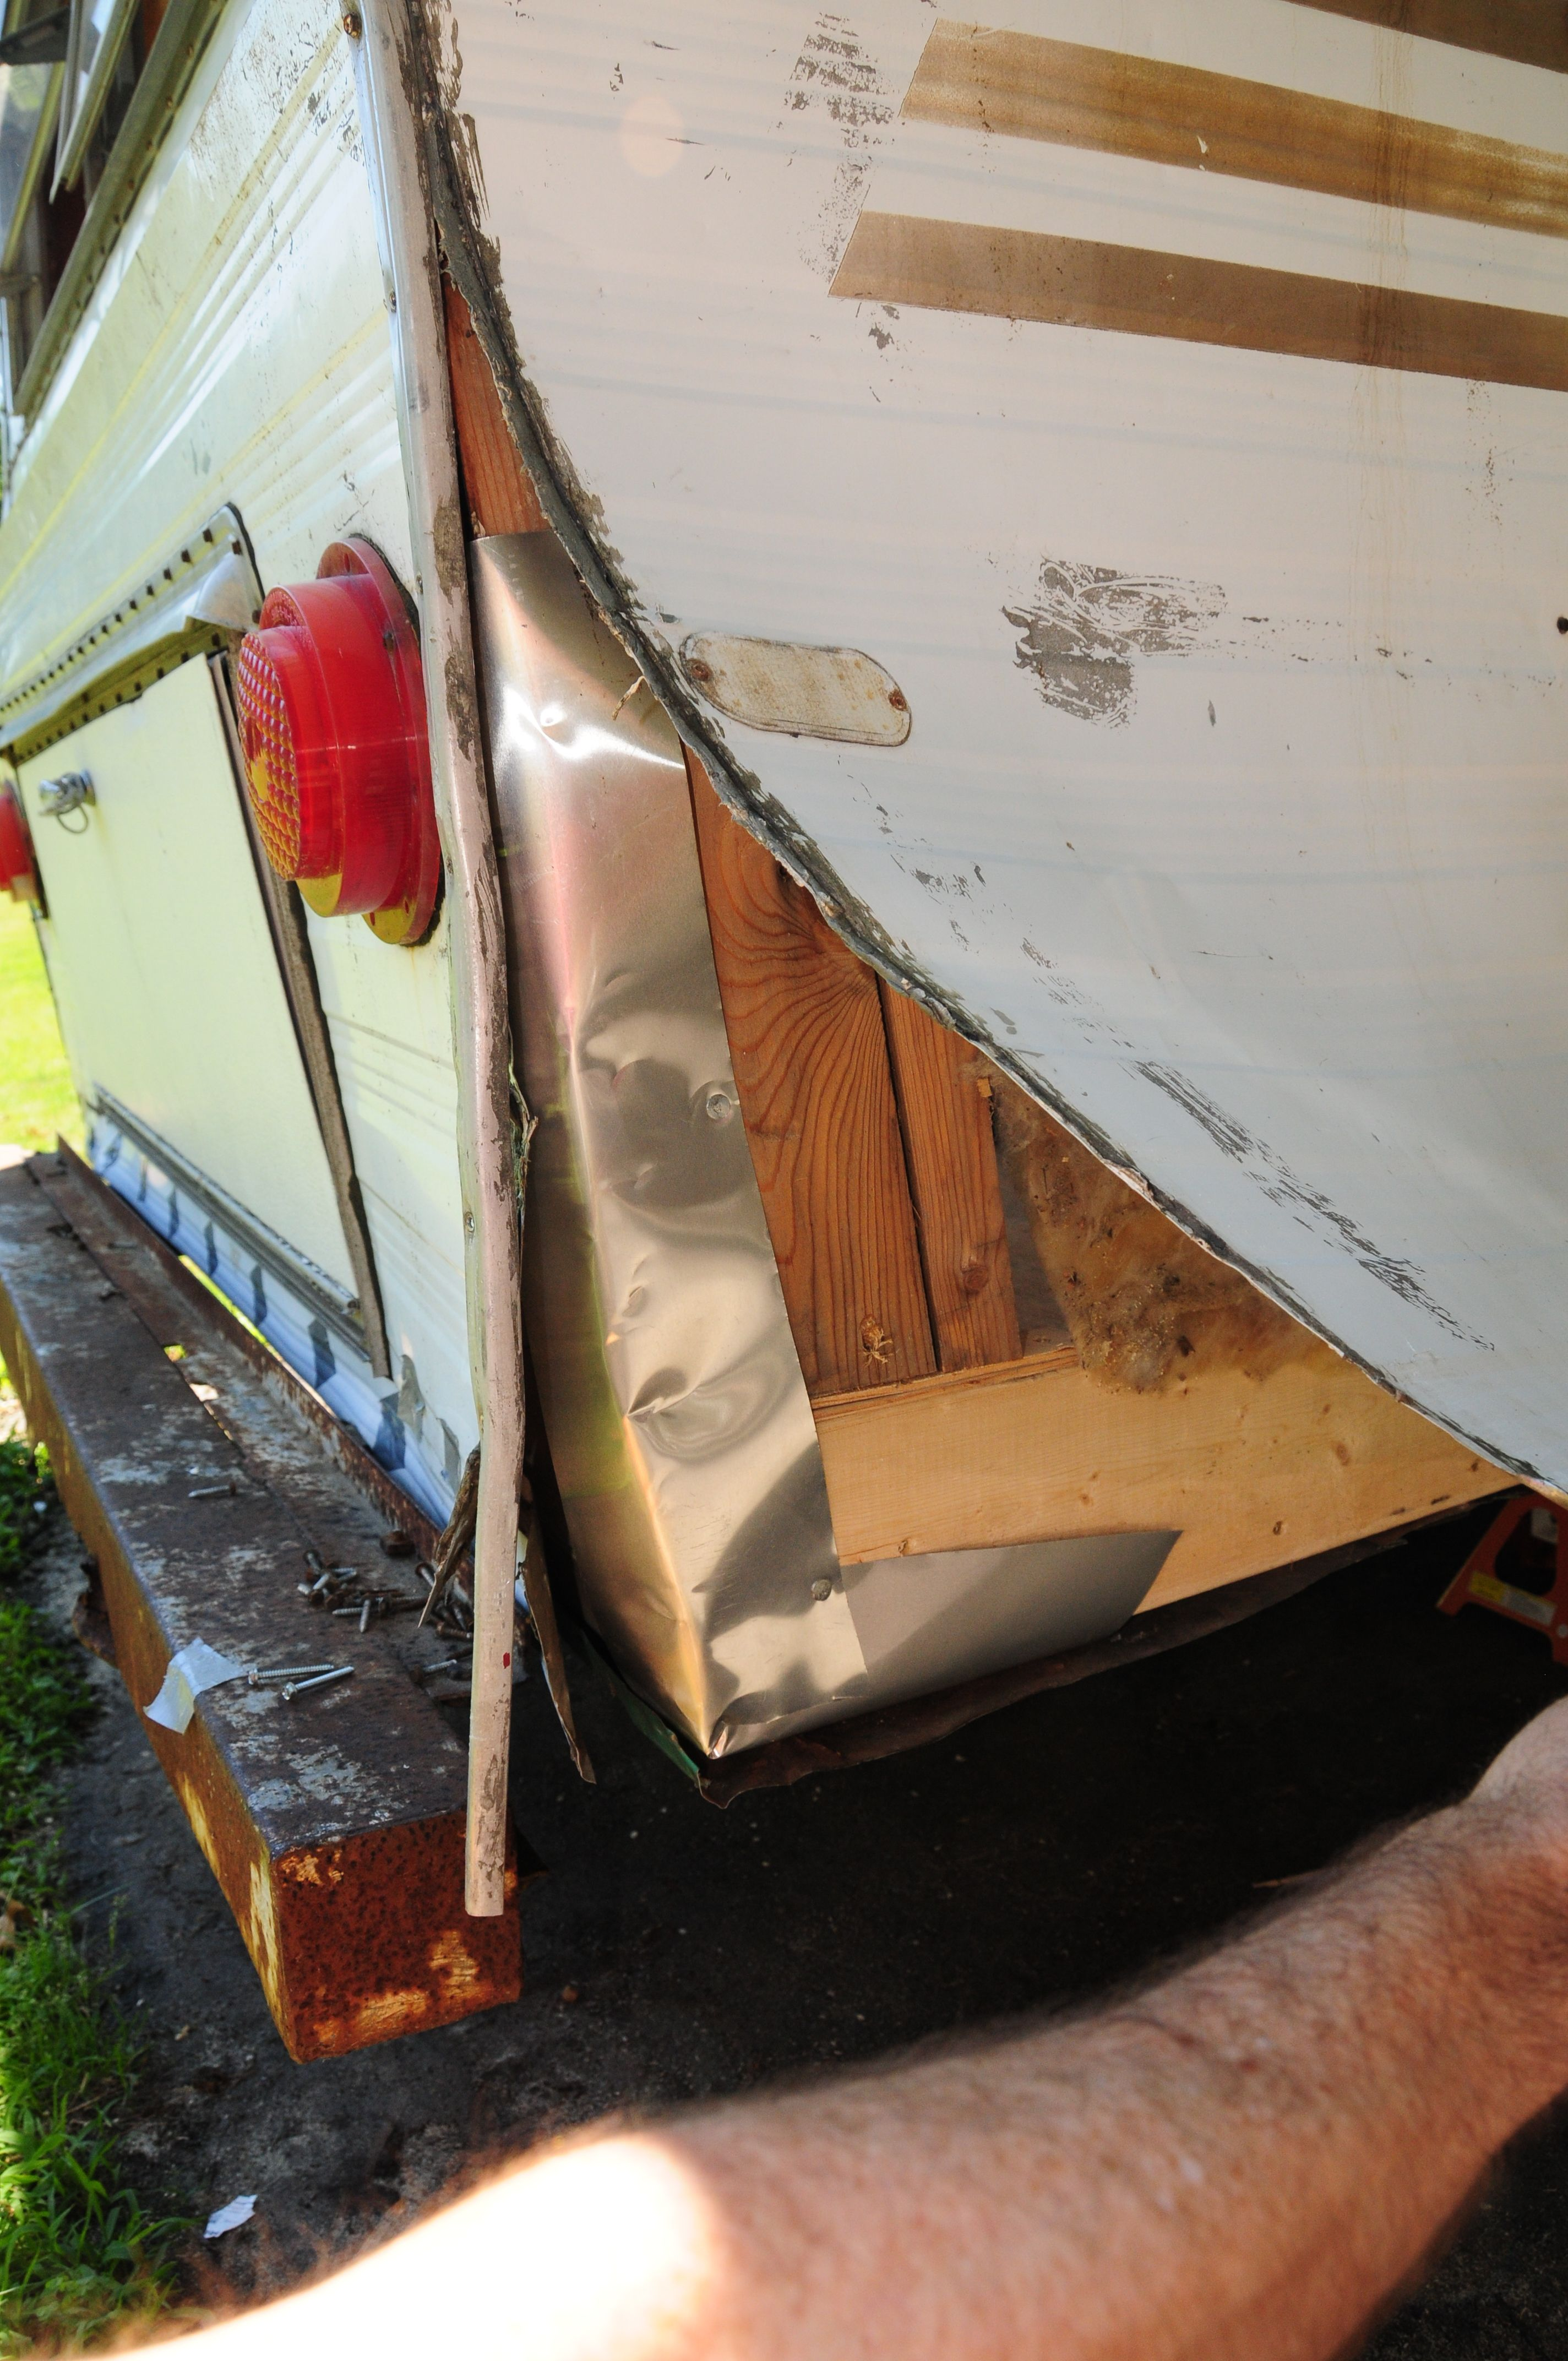 Posts About Vintage Campers On The Comet Camper Vintage Trailers Restoration Vintage Camper Remodel Remodeled Campers